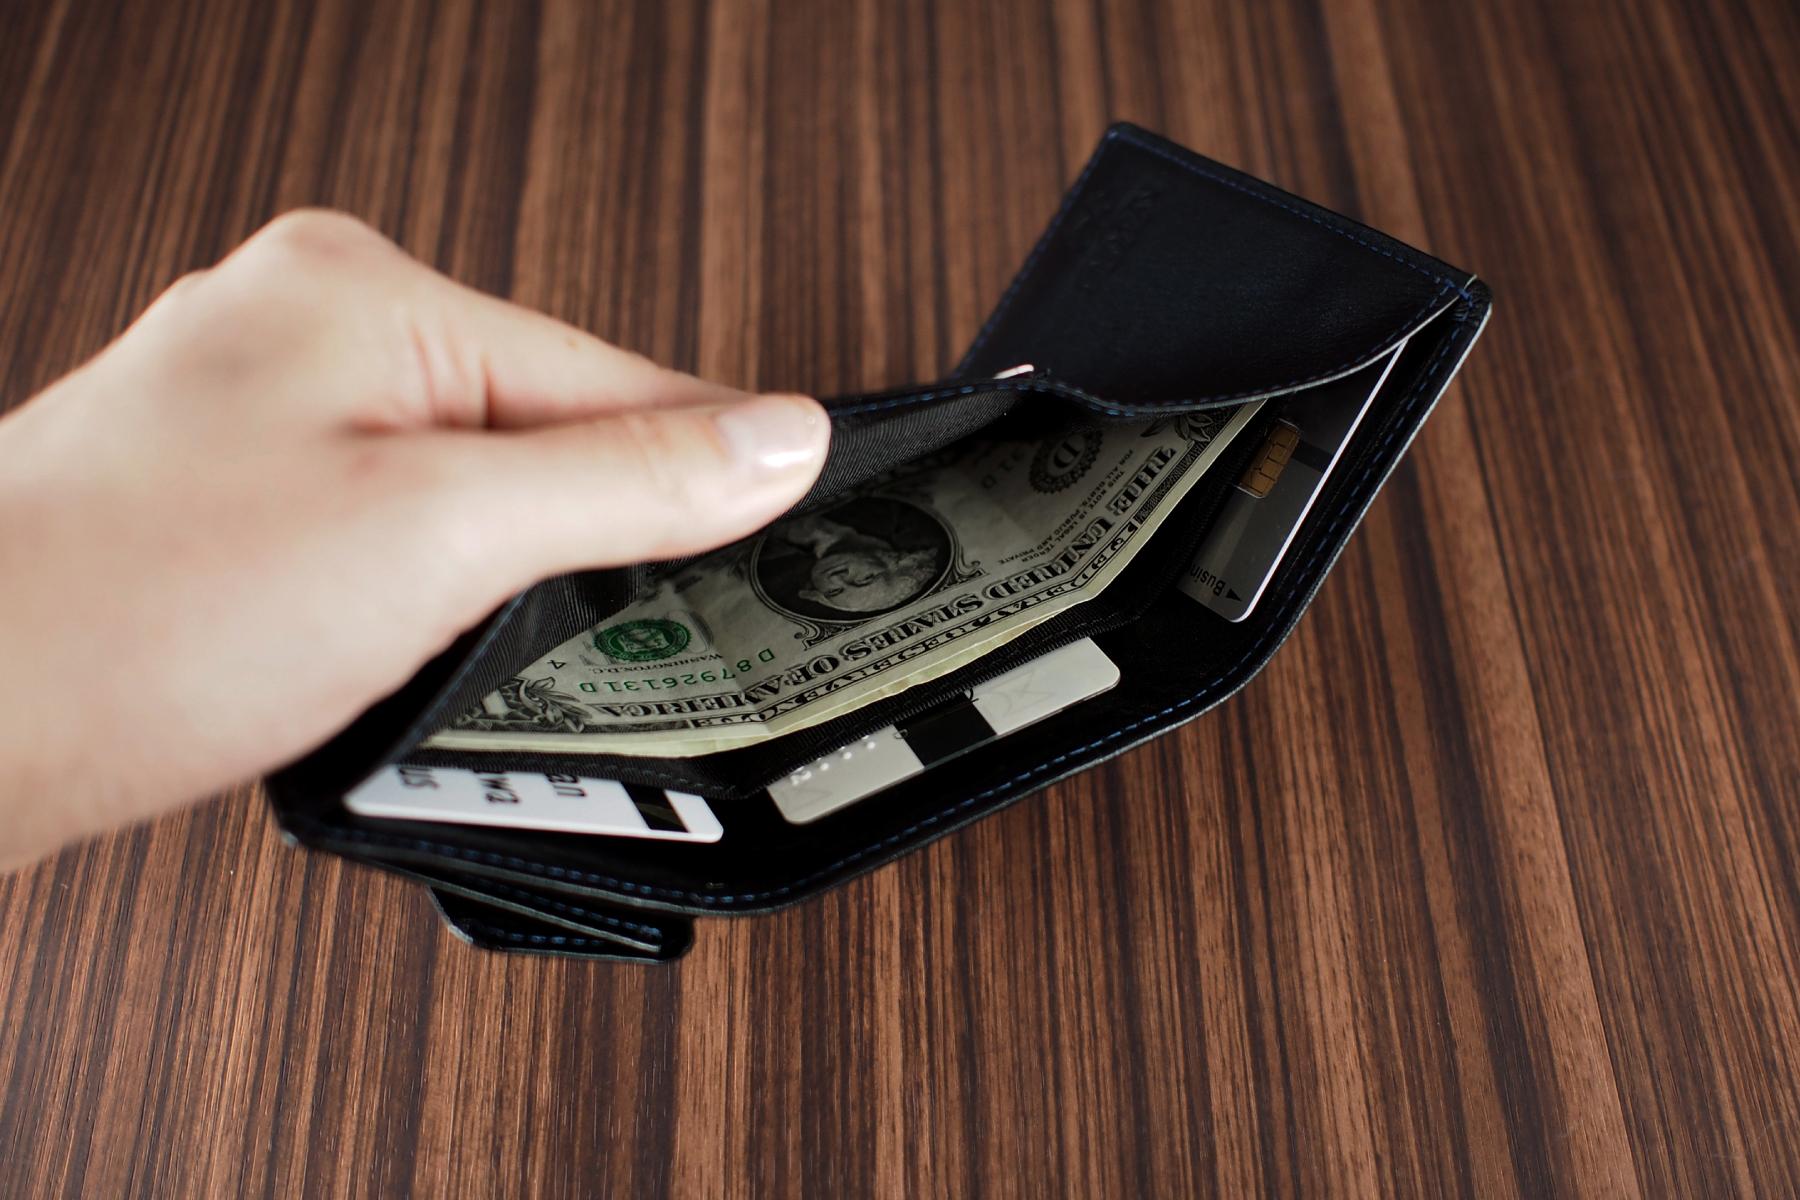 収納力抜群の三つ折り旅財布